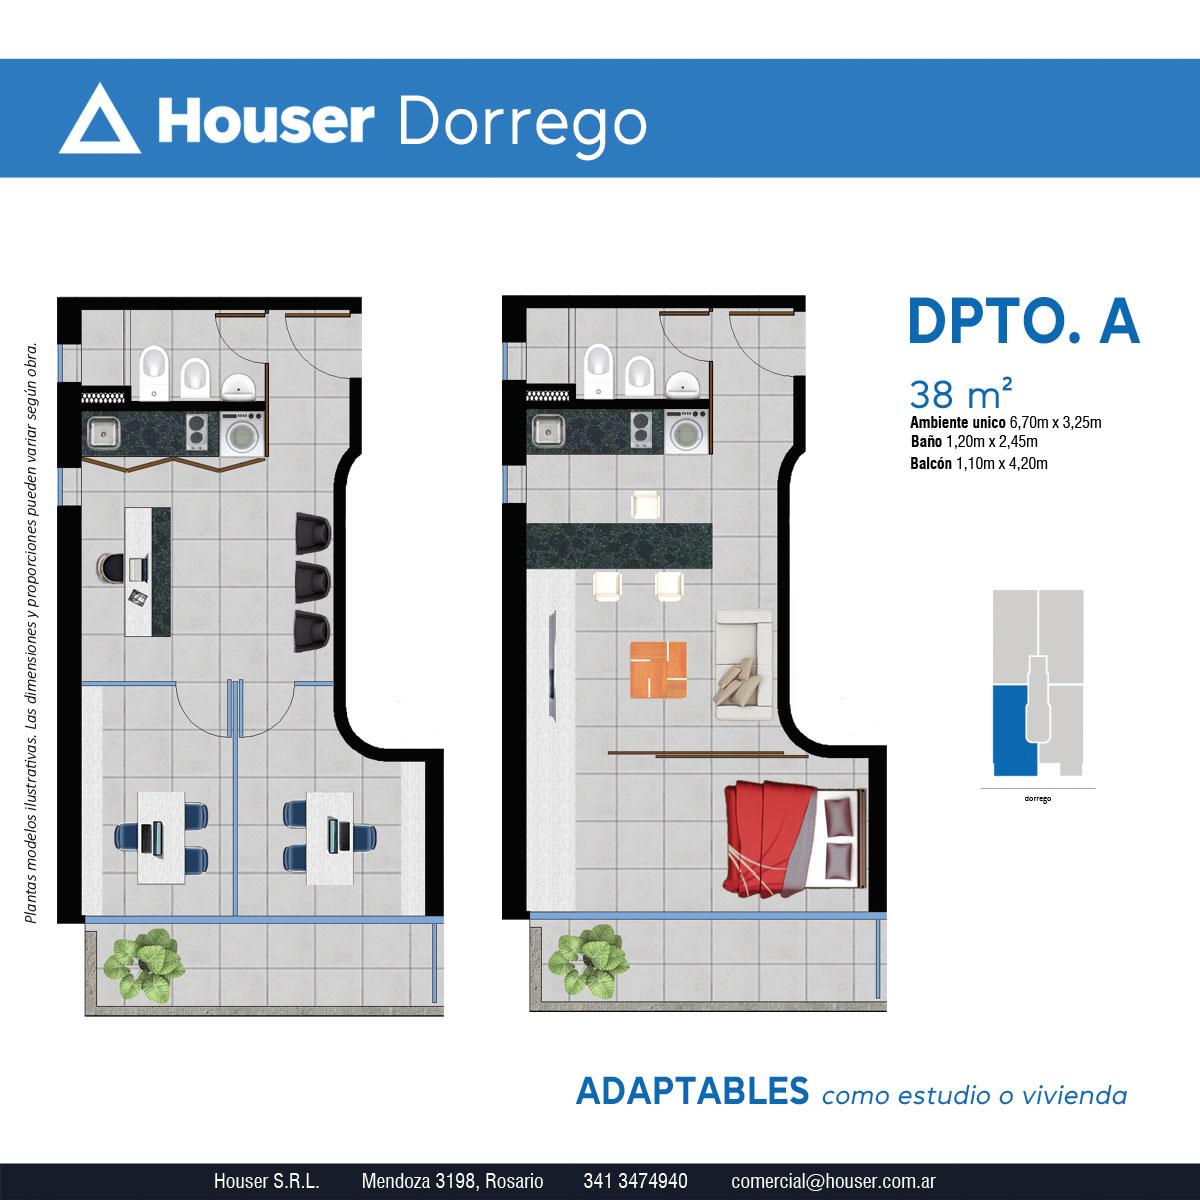 Plantas Houser Dorrego - Departamento A